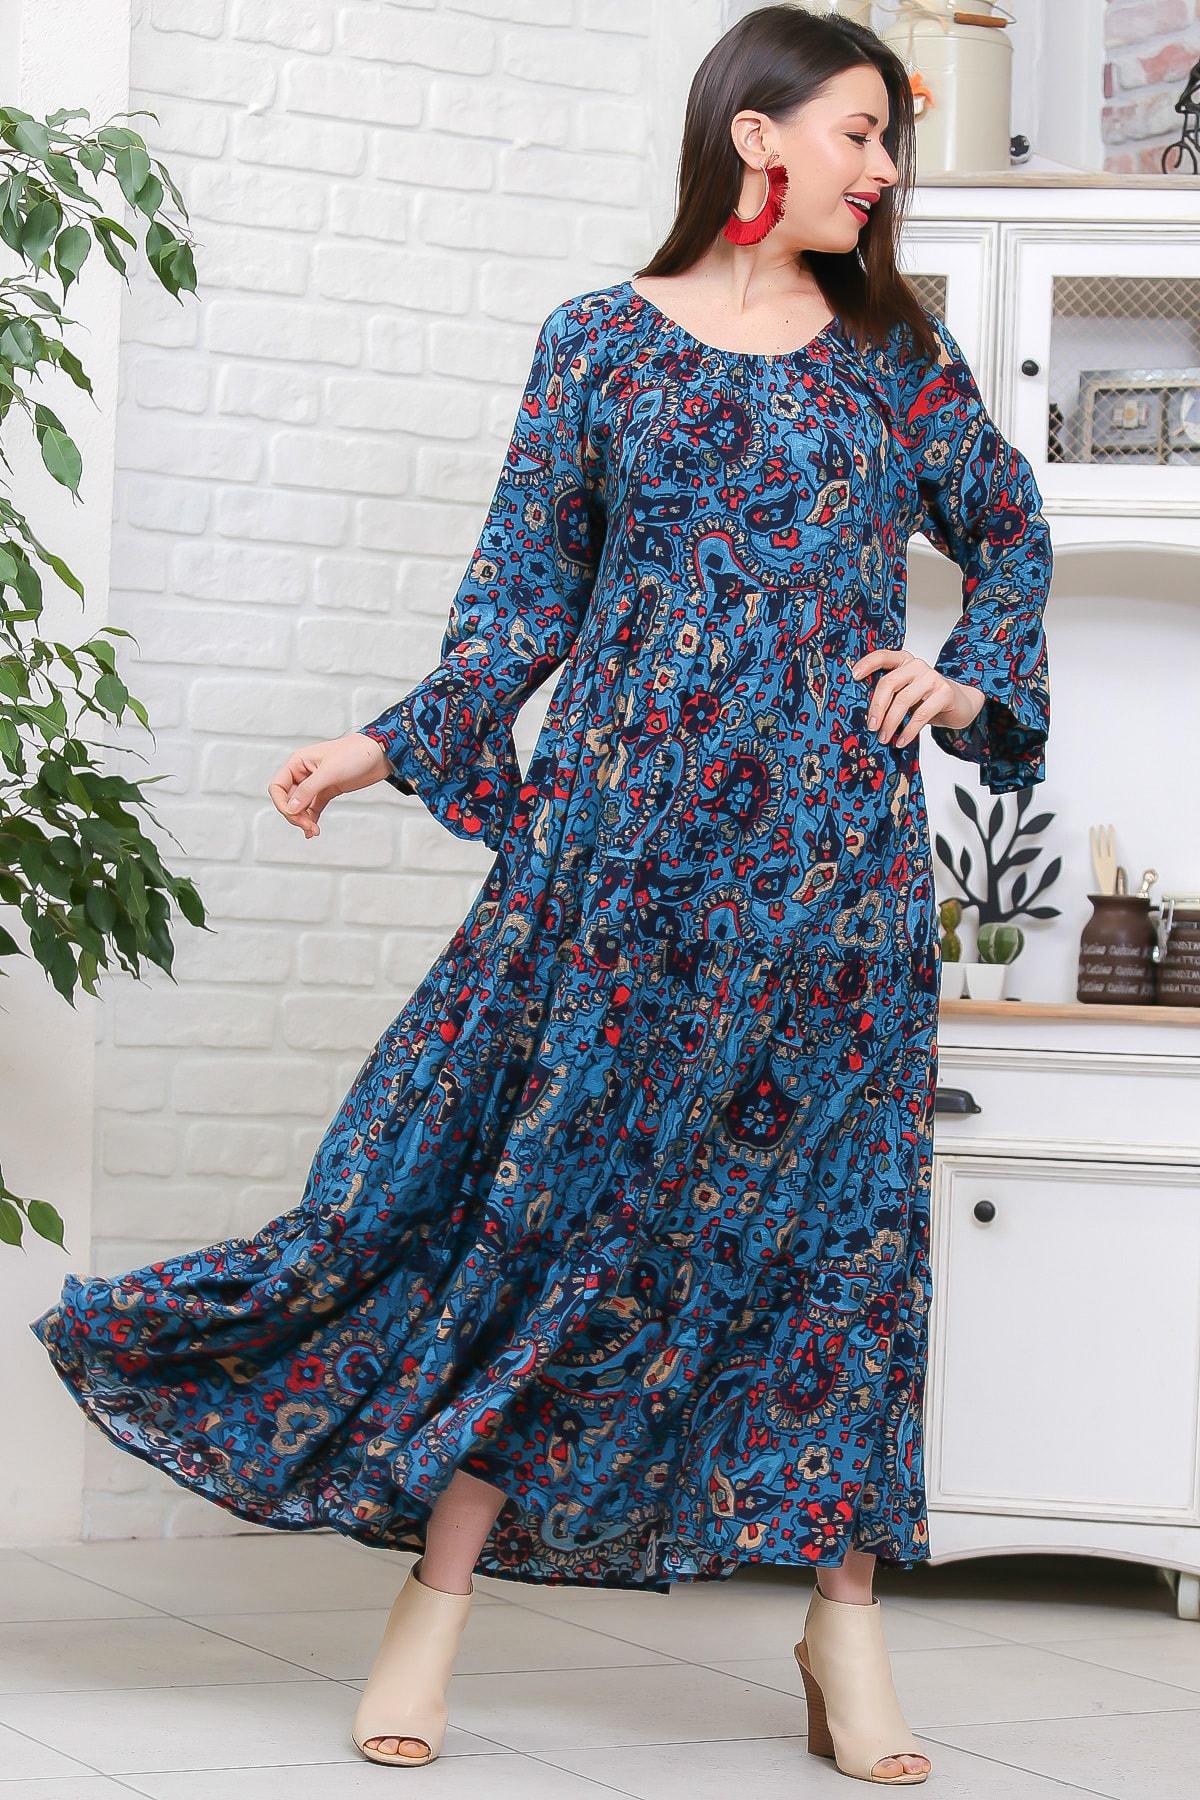 Chiccy Kadın Petrol Mavisi Bohem Çiçek Desenli Kolları Volanlı Dokuma Elbise M10160000EL96973 1